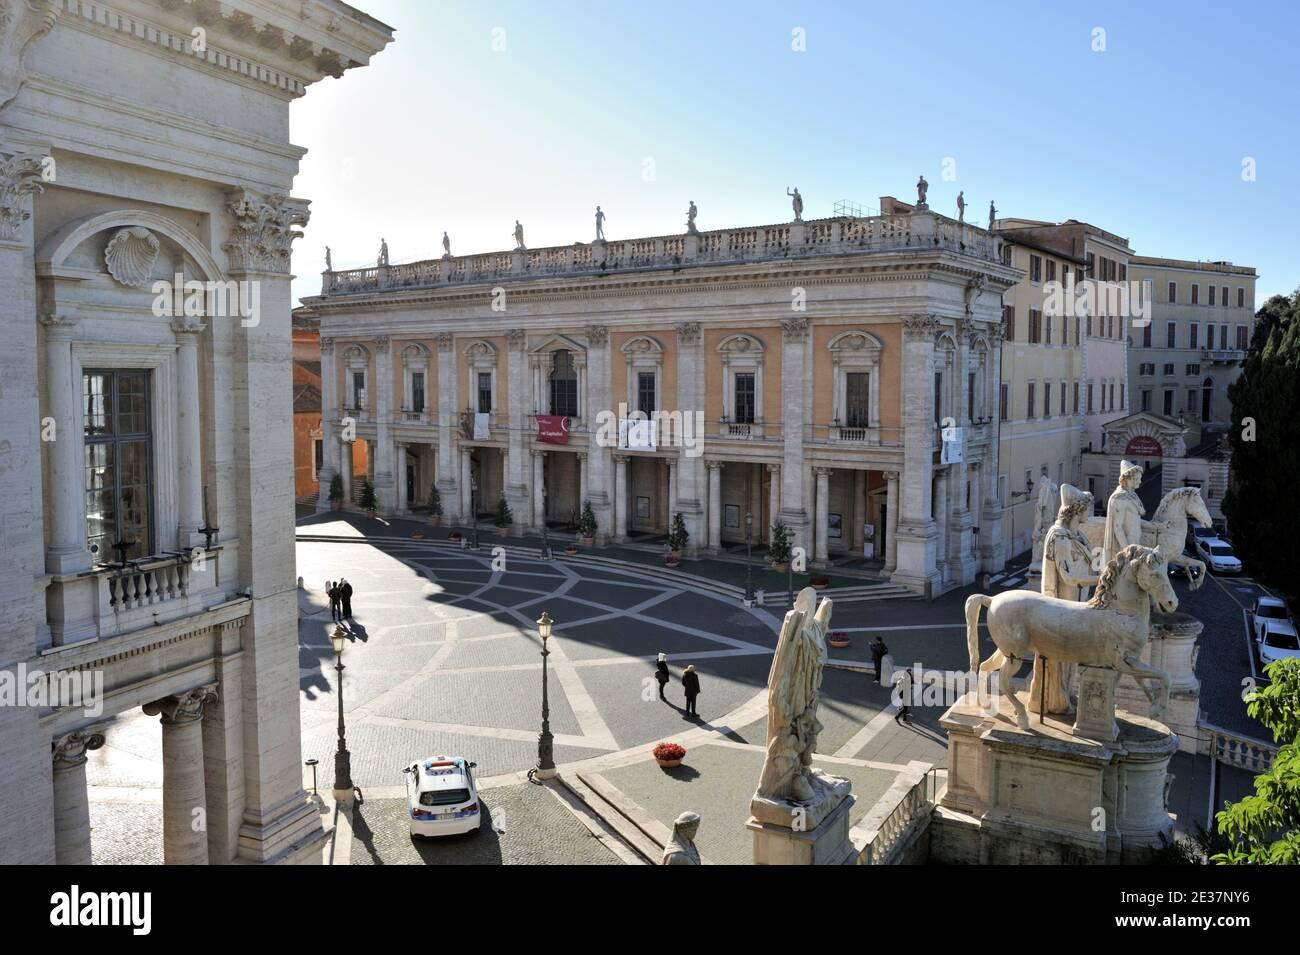 italy, rome, campidoglio, palazzo dei conservatori, musei capitolini, capitoline museums Stock Photo